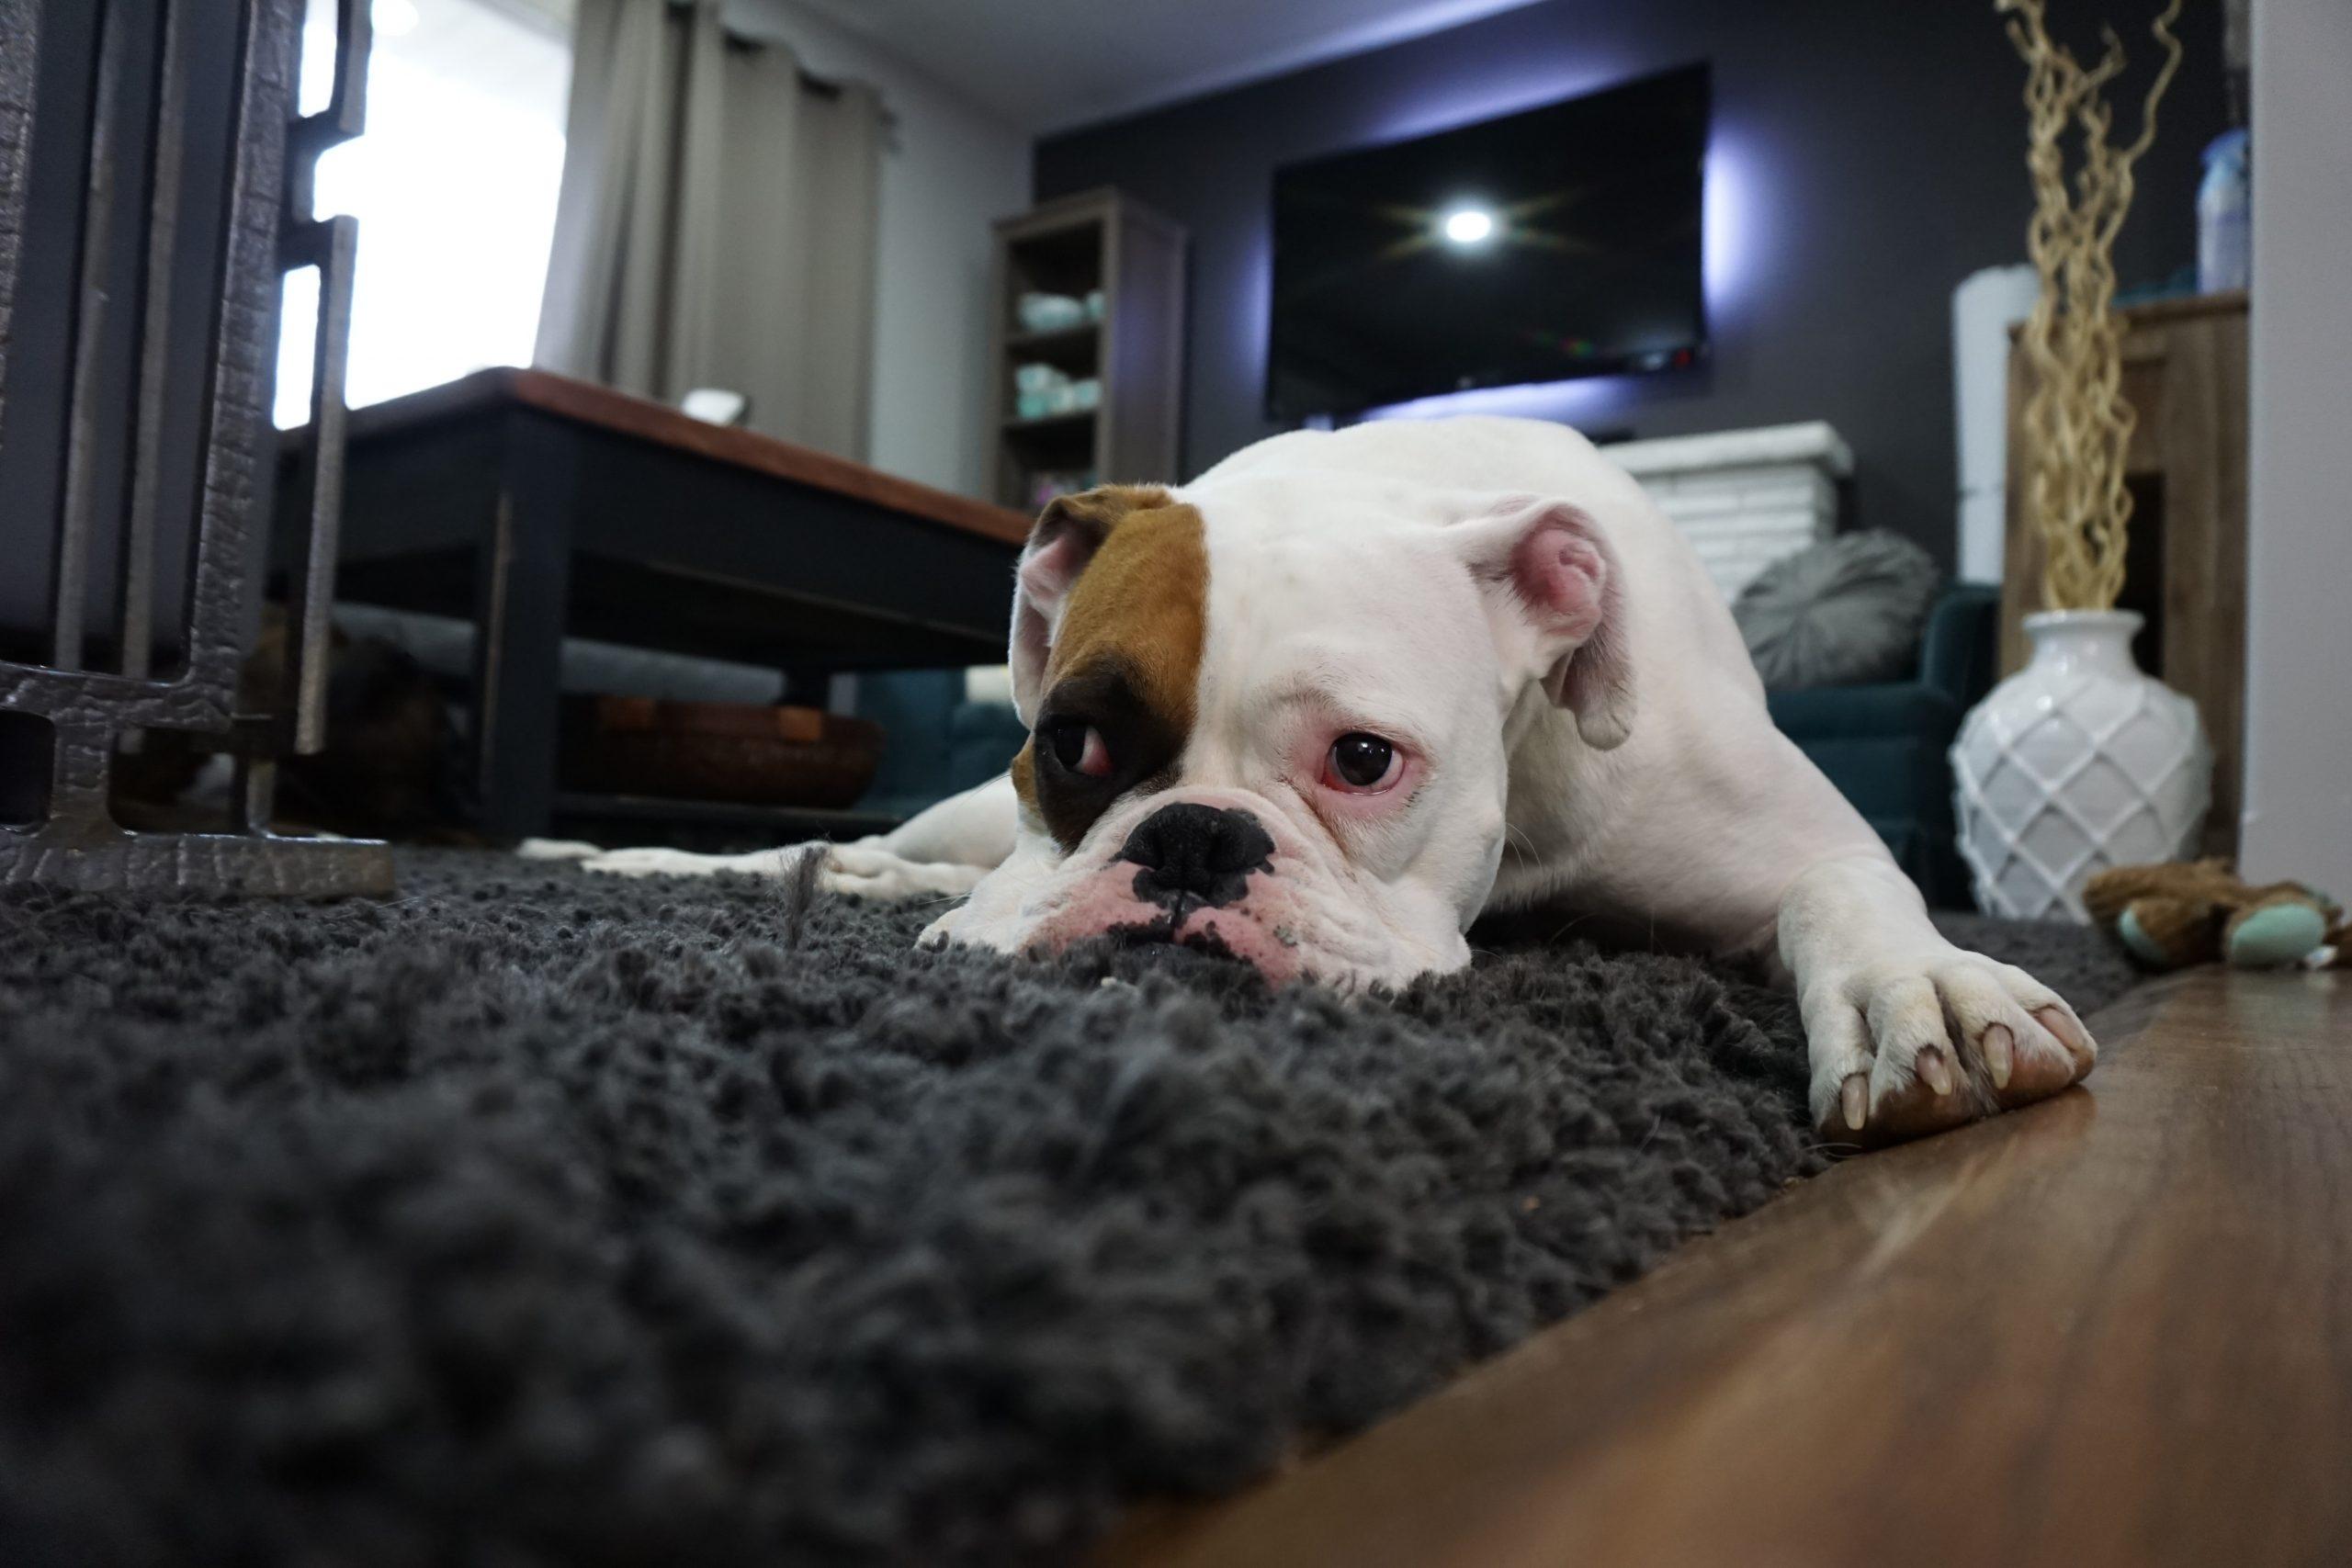 pranie dywanów metodą ekstrakcyjną - biały pies leży na czarnym brudnym od sierści dywanie